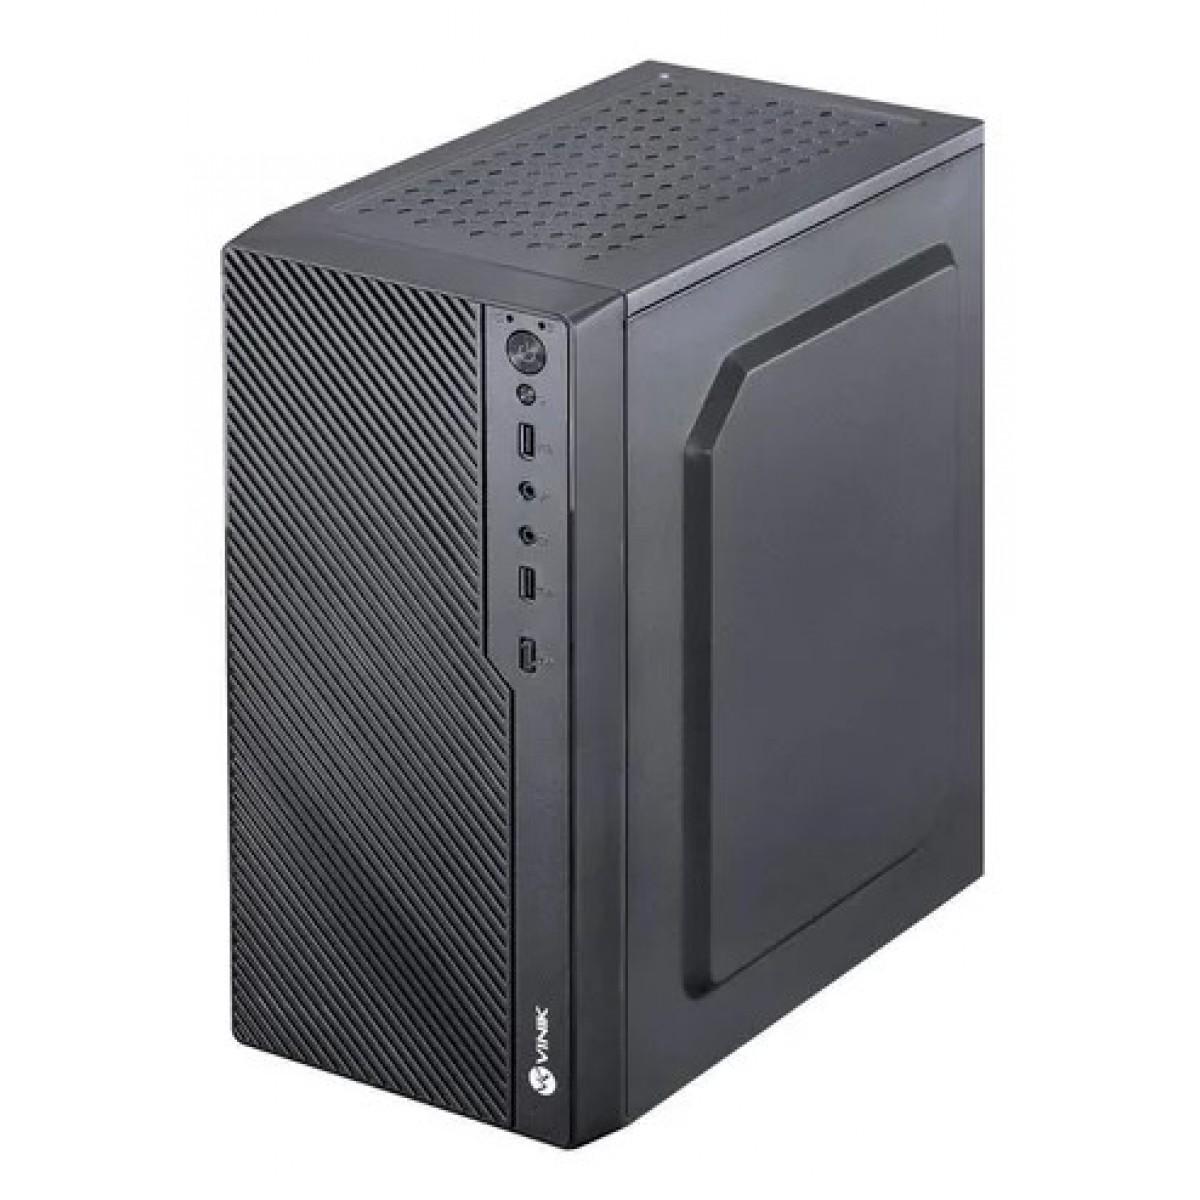 Computador Skul T-Gamer Business B700 i7 7700 / 8GB DDR4 / HD 500GB  / HDMI/VGA / FONTE 300W